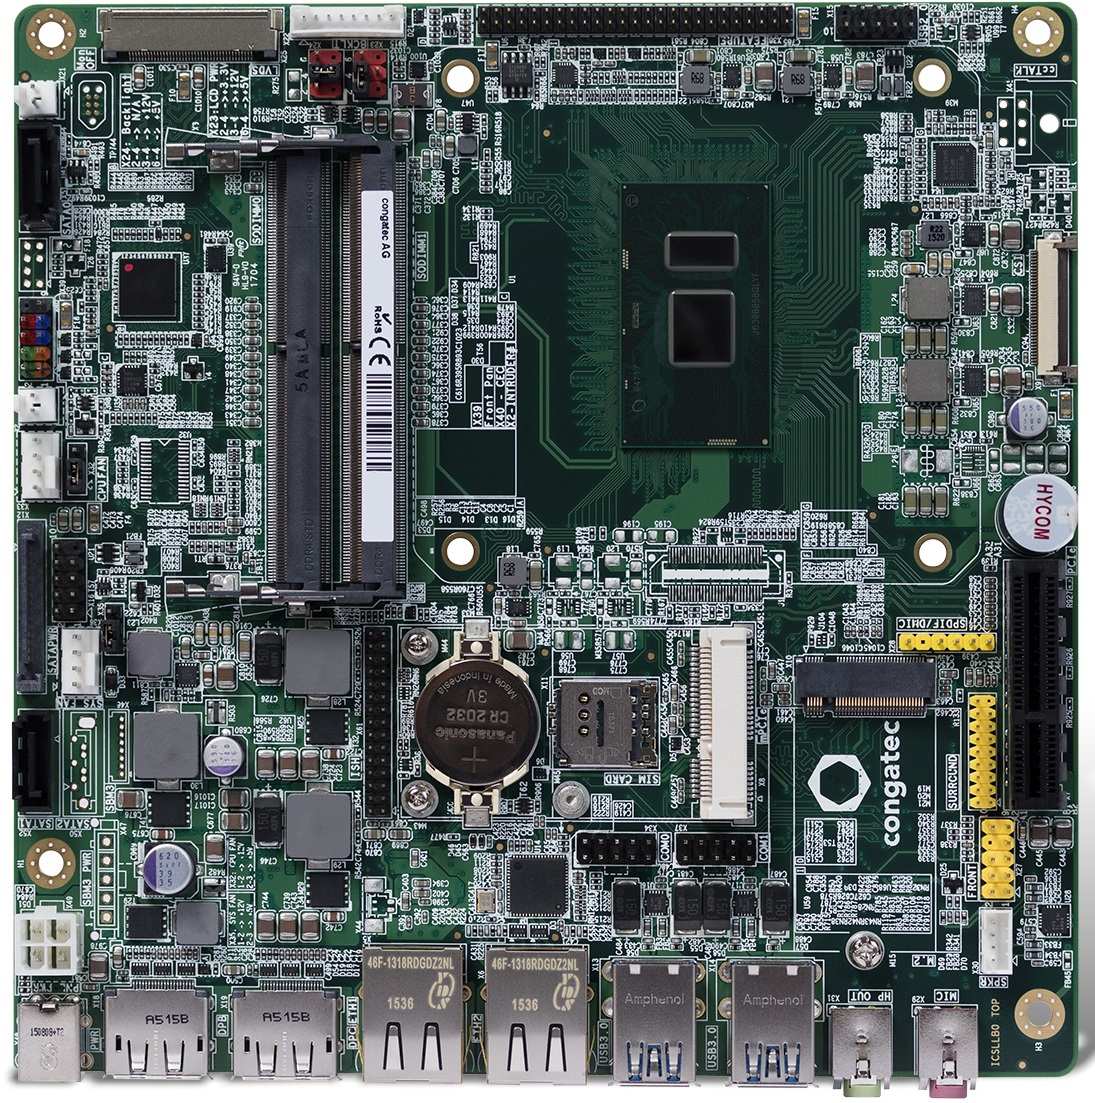 康佳特推出基于第七代英特尔酷睿 U 处理器超薄工业级主板面向物联网连接设备